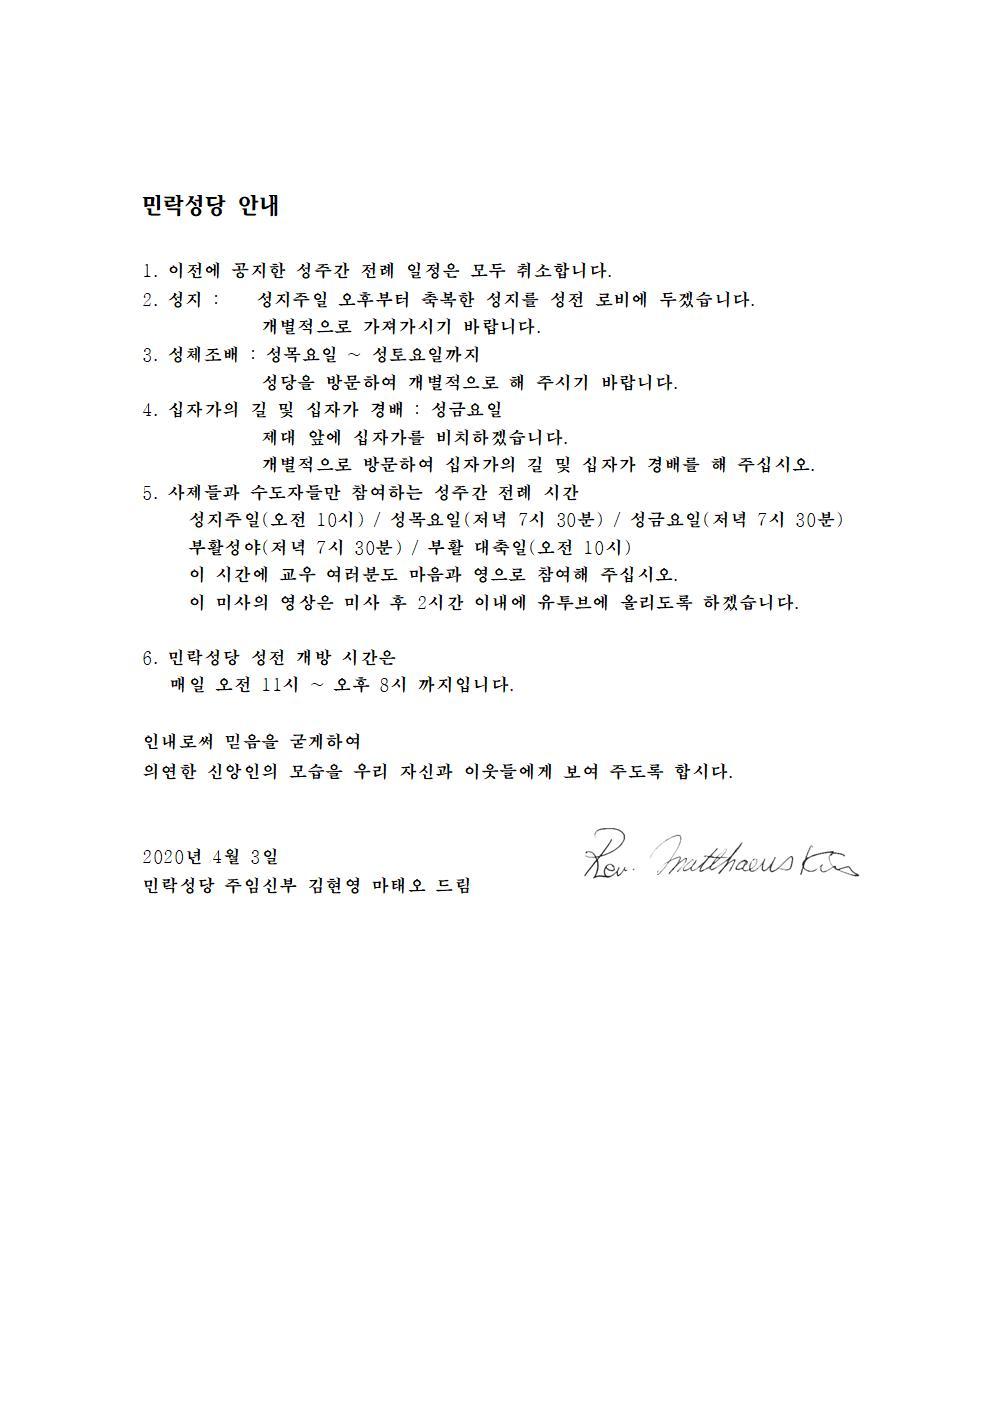 미사재개 연장 안내문2.jpg